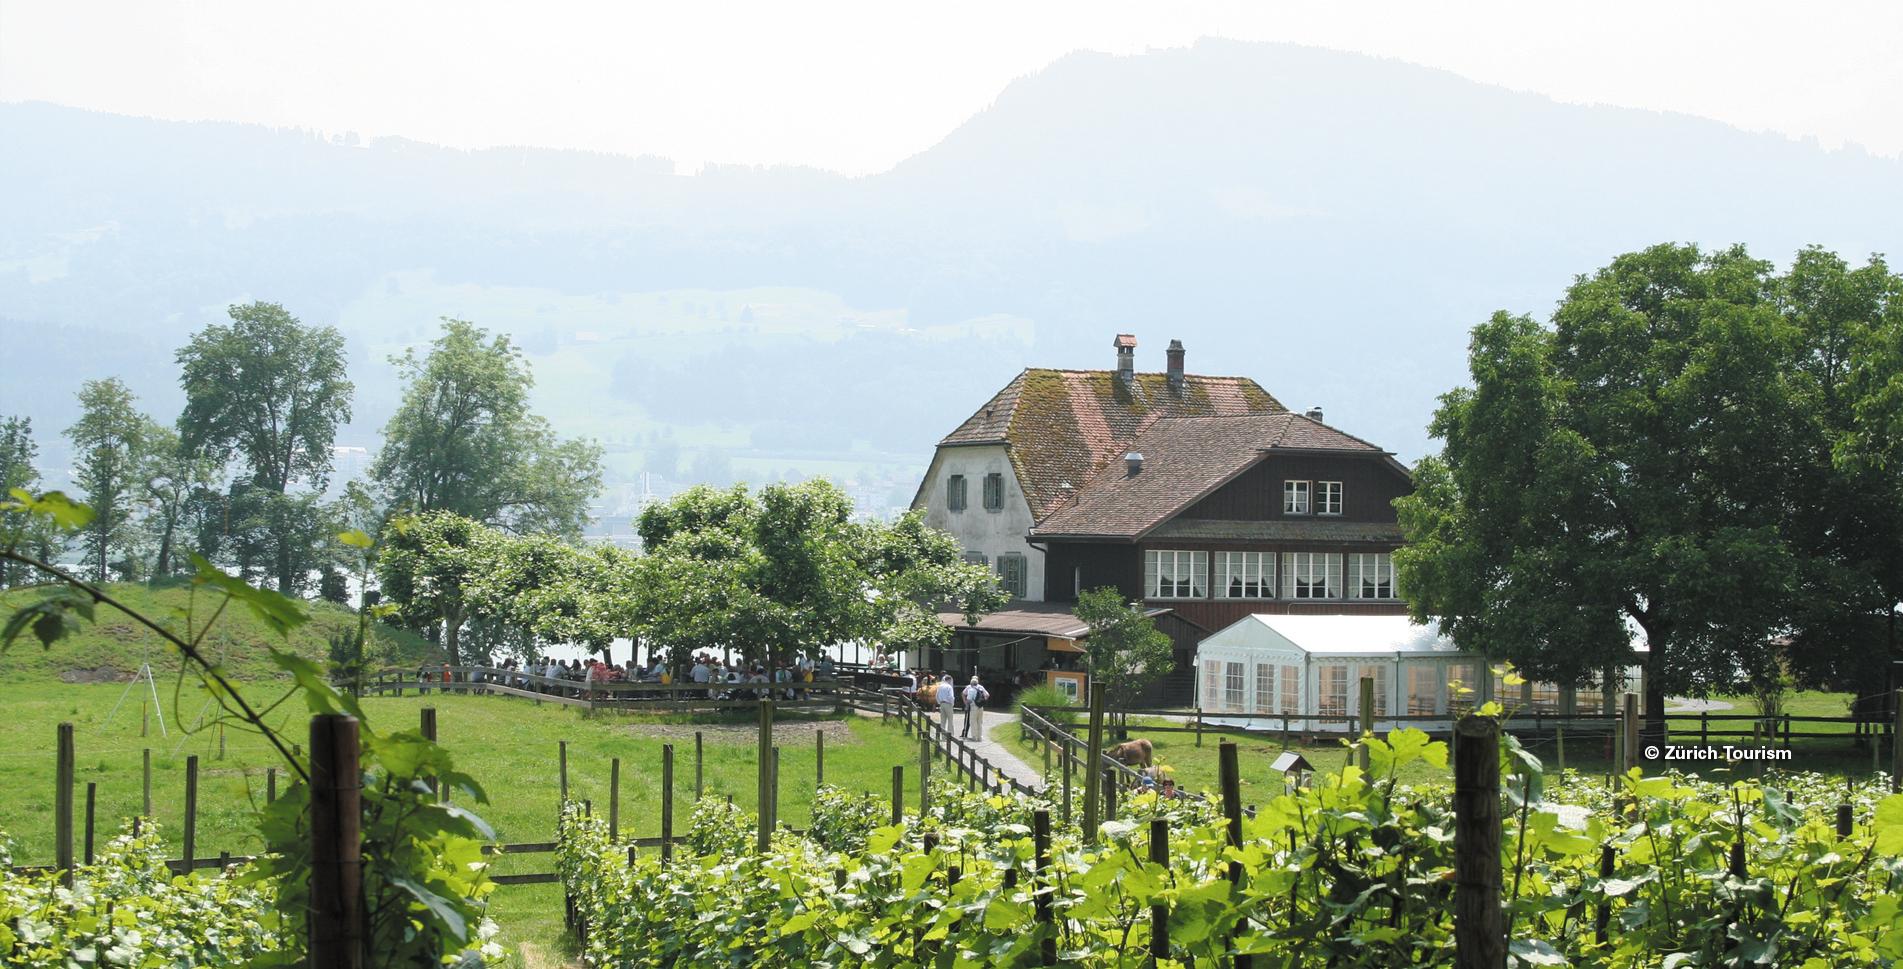 Wanderung entlang dem Seeuferweg am schönen Zürichsee von Horgen via Käpfnach, Meilibach, Seeguet, Halbinsel Au nach Wädenswil